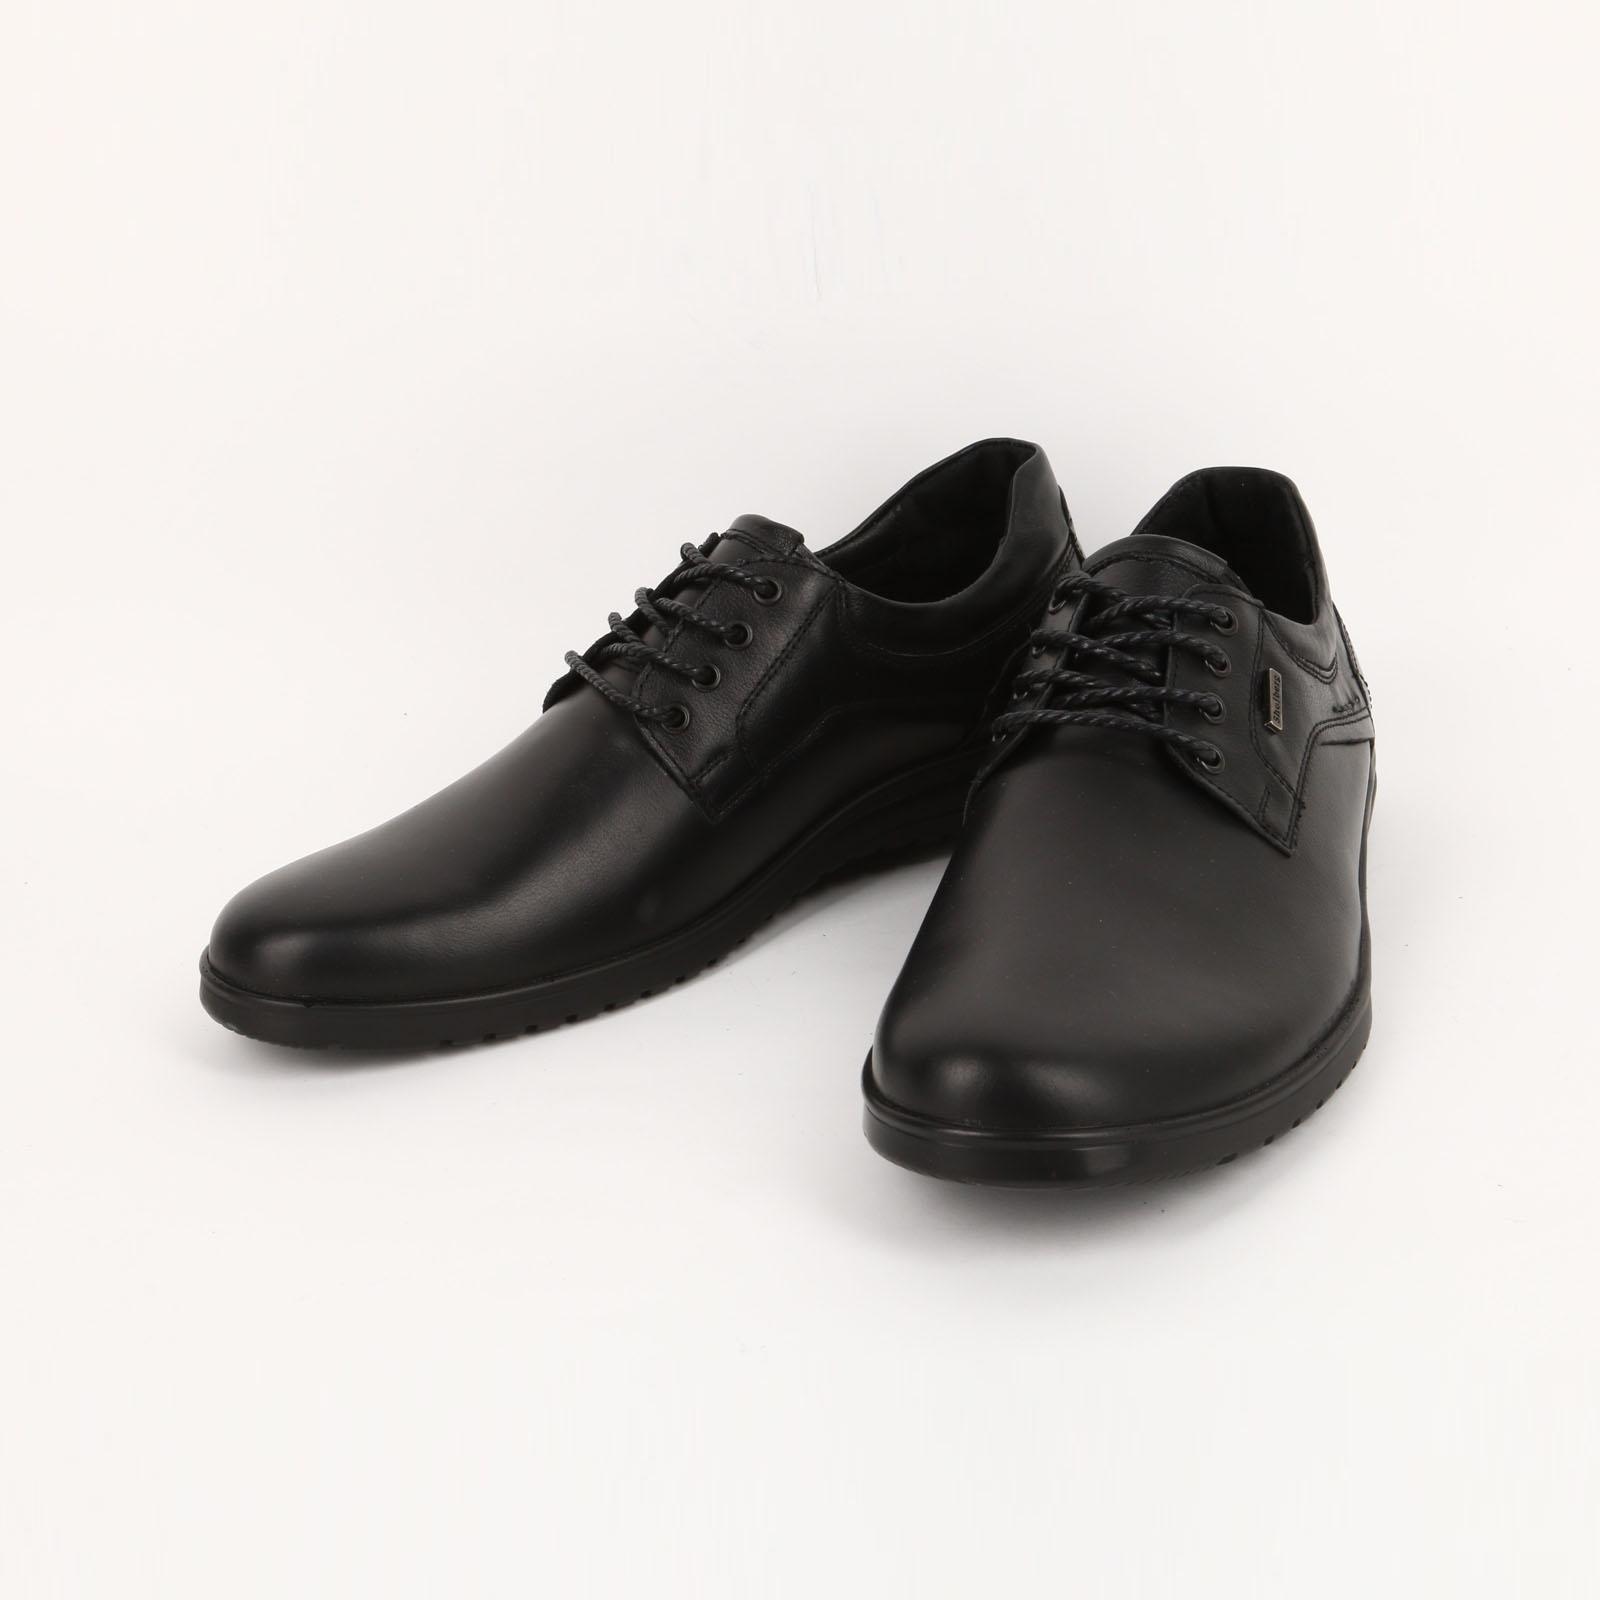 Пoлyботинки мужские на шнуровке